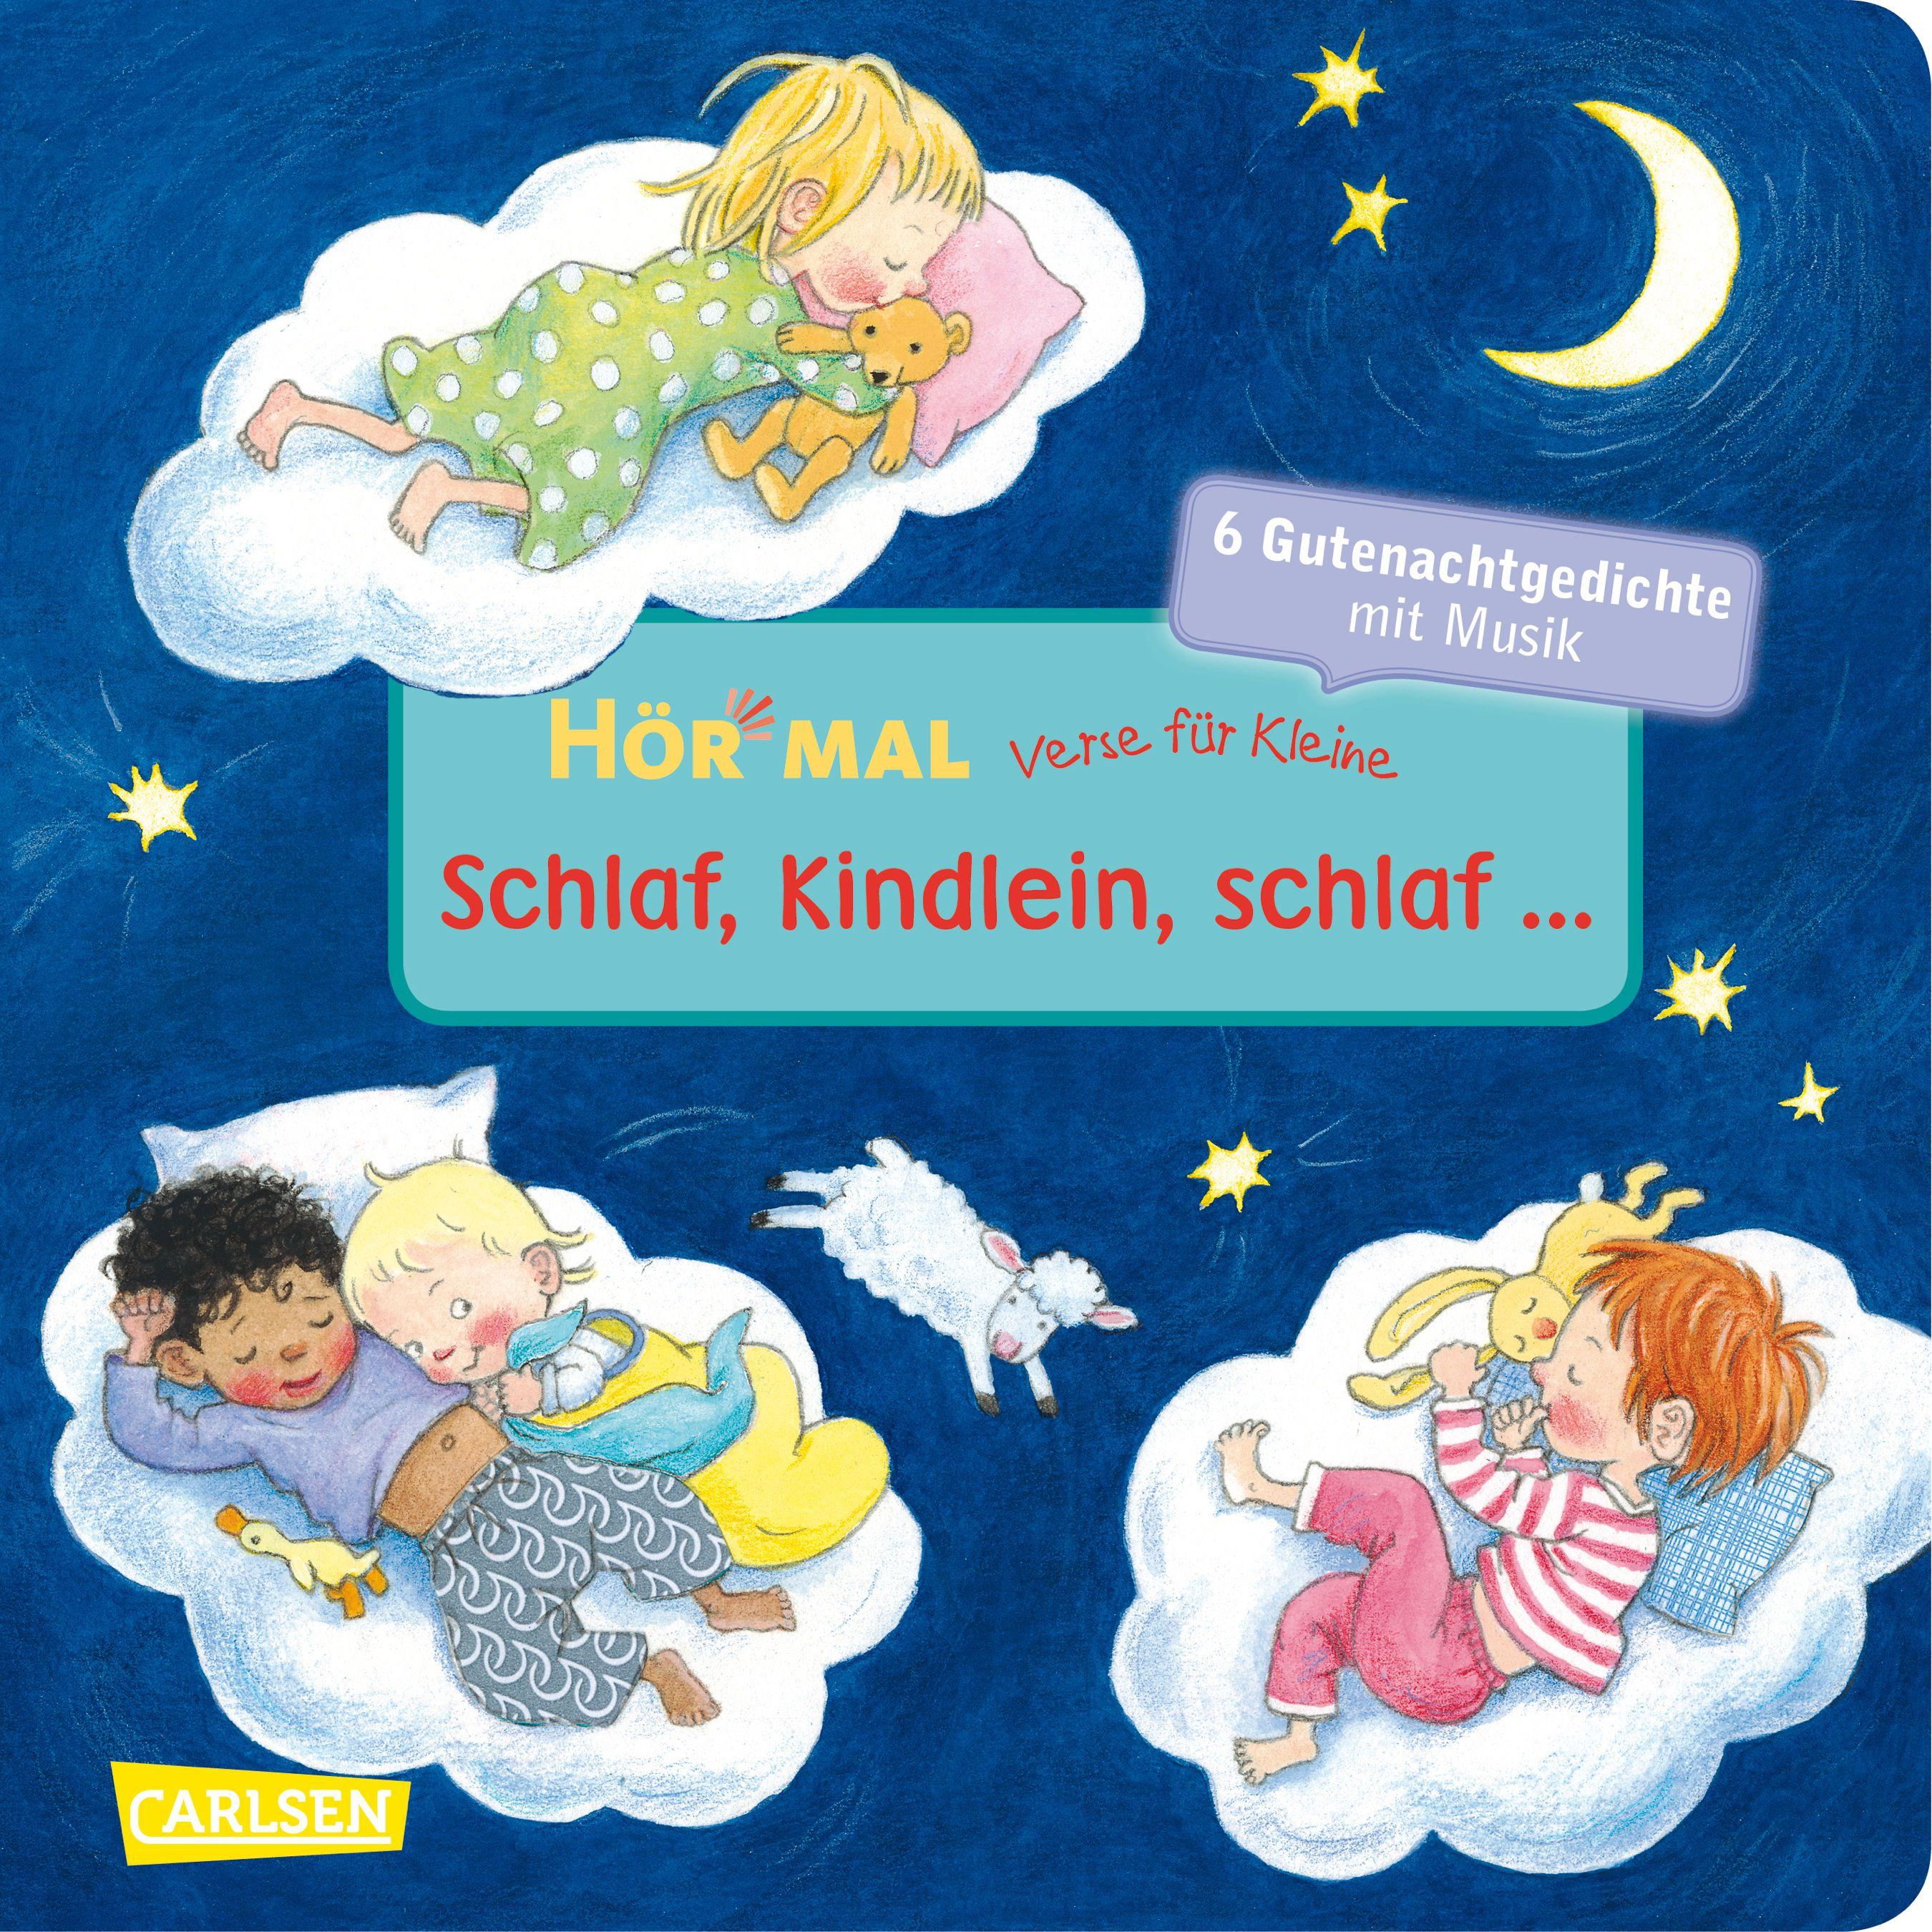 Verse-fuer-Kleine-Schlaf-Kindlein-schlaf-Doris-Ruebel